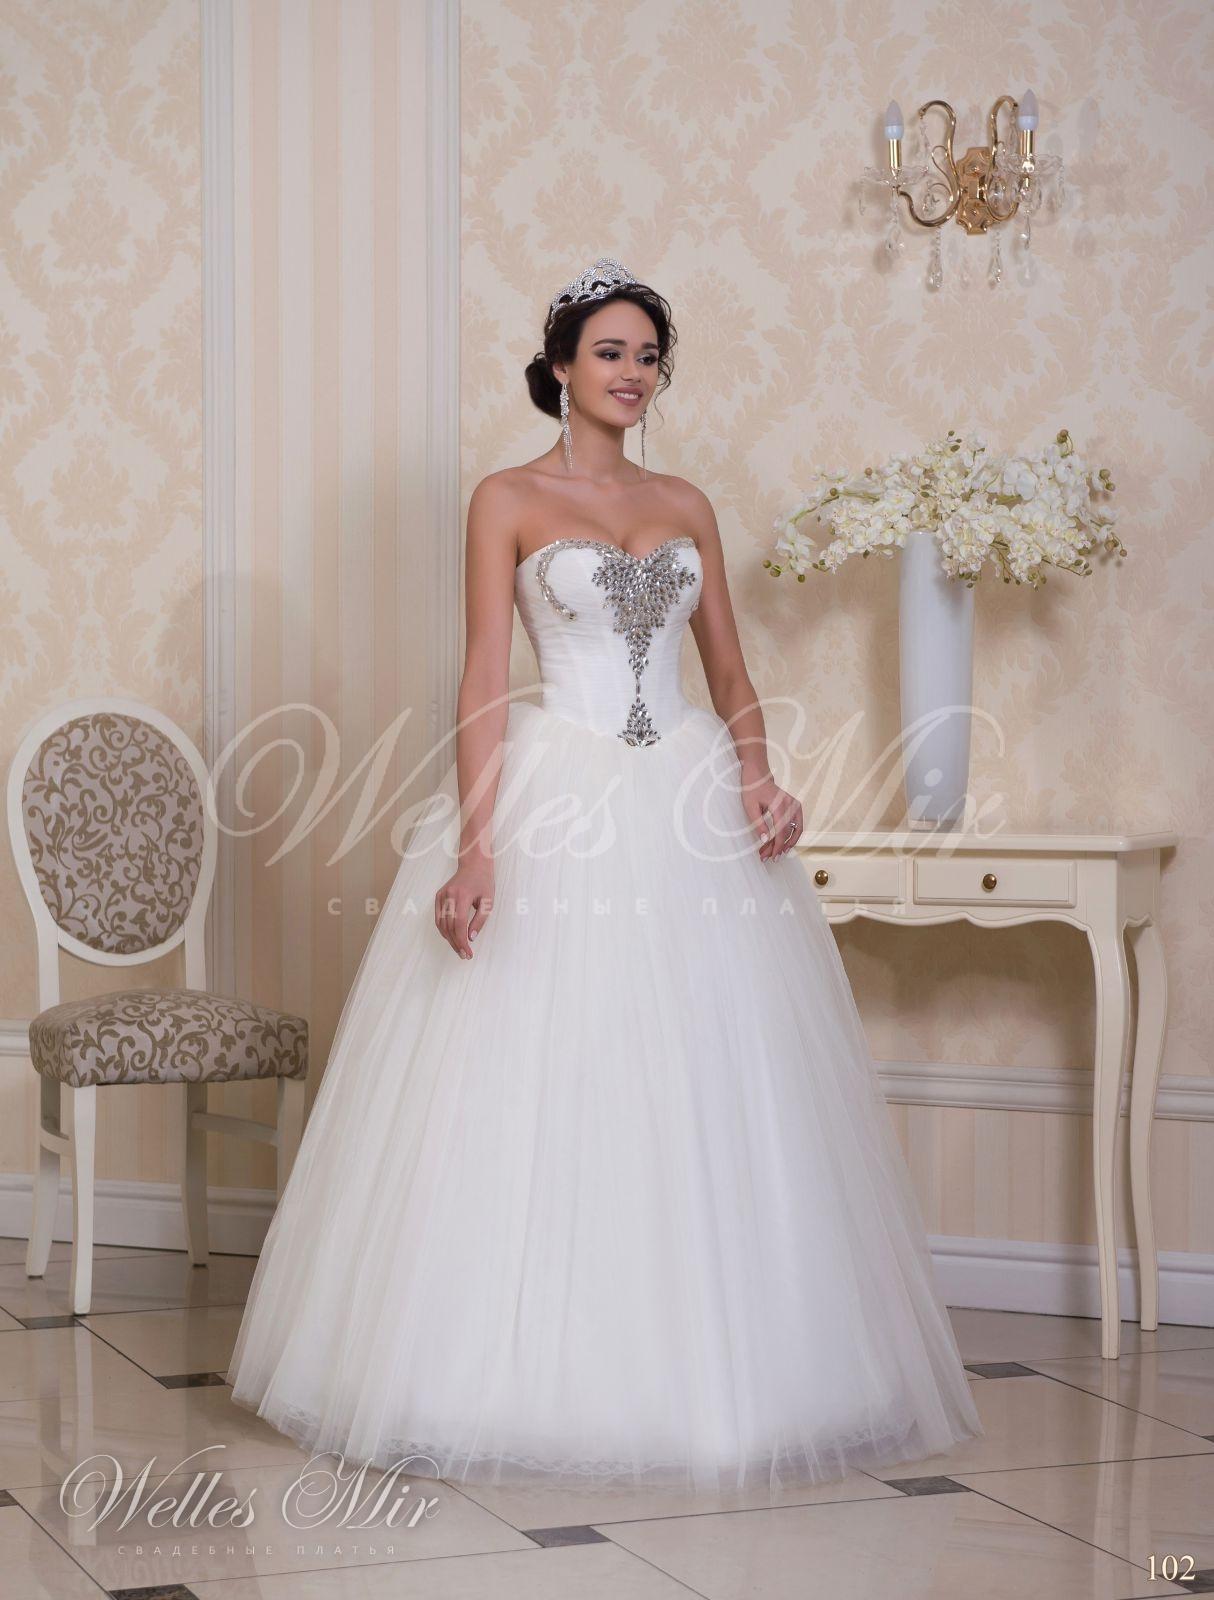 Свадебные платья Charming Elegance - 102